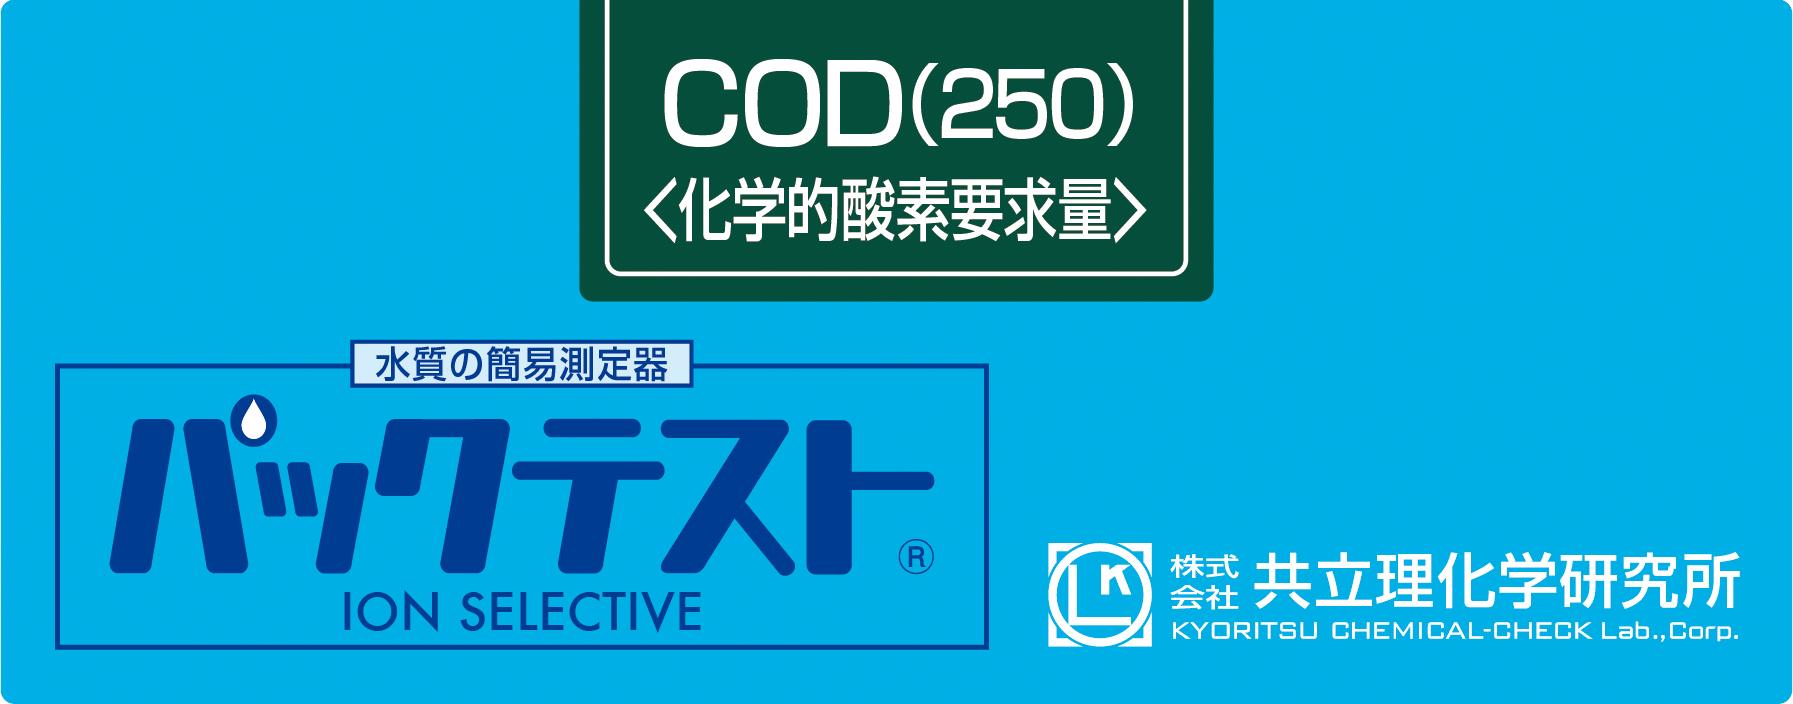 パックテスト COD(250)